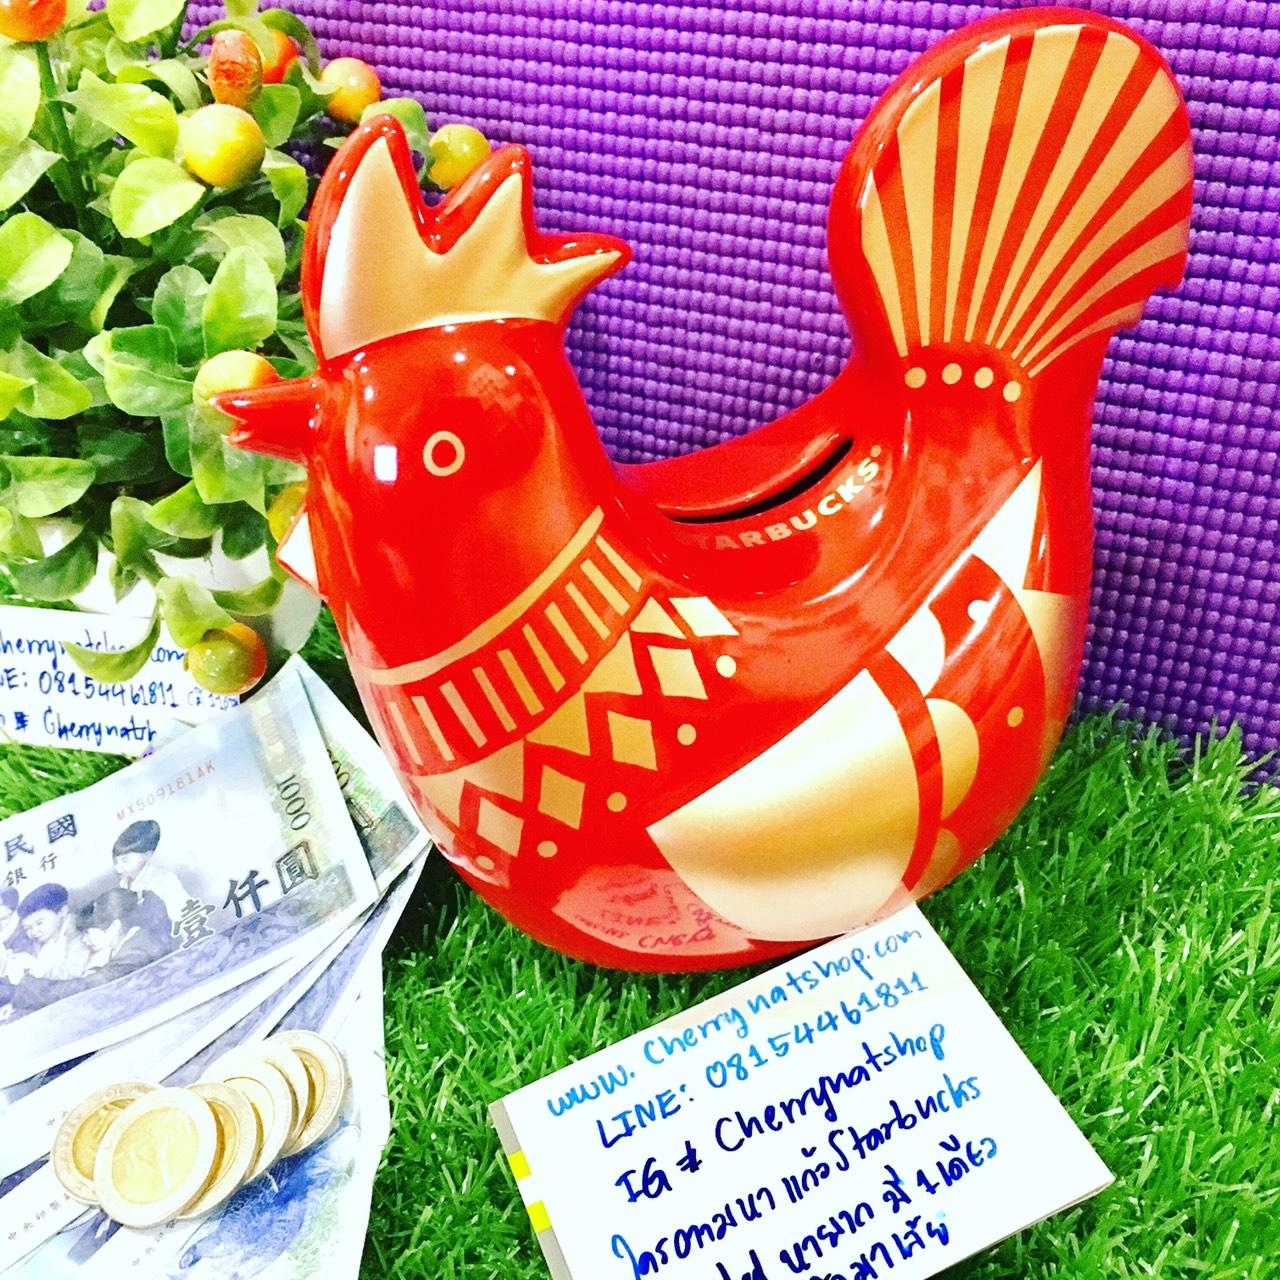 #ตามหาออมสินไก่กันทั้งเมือง,กระปุกออมสินไก่สีแดงทองสดใส เรียกทรัพย์รับปีไก่#Starbucks Lunar New Year Red Rooster Bank, Lunar New Year Red Rooster Bank